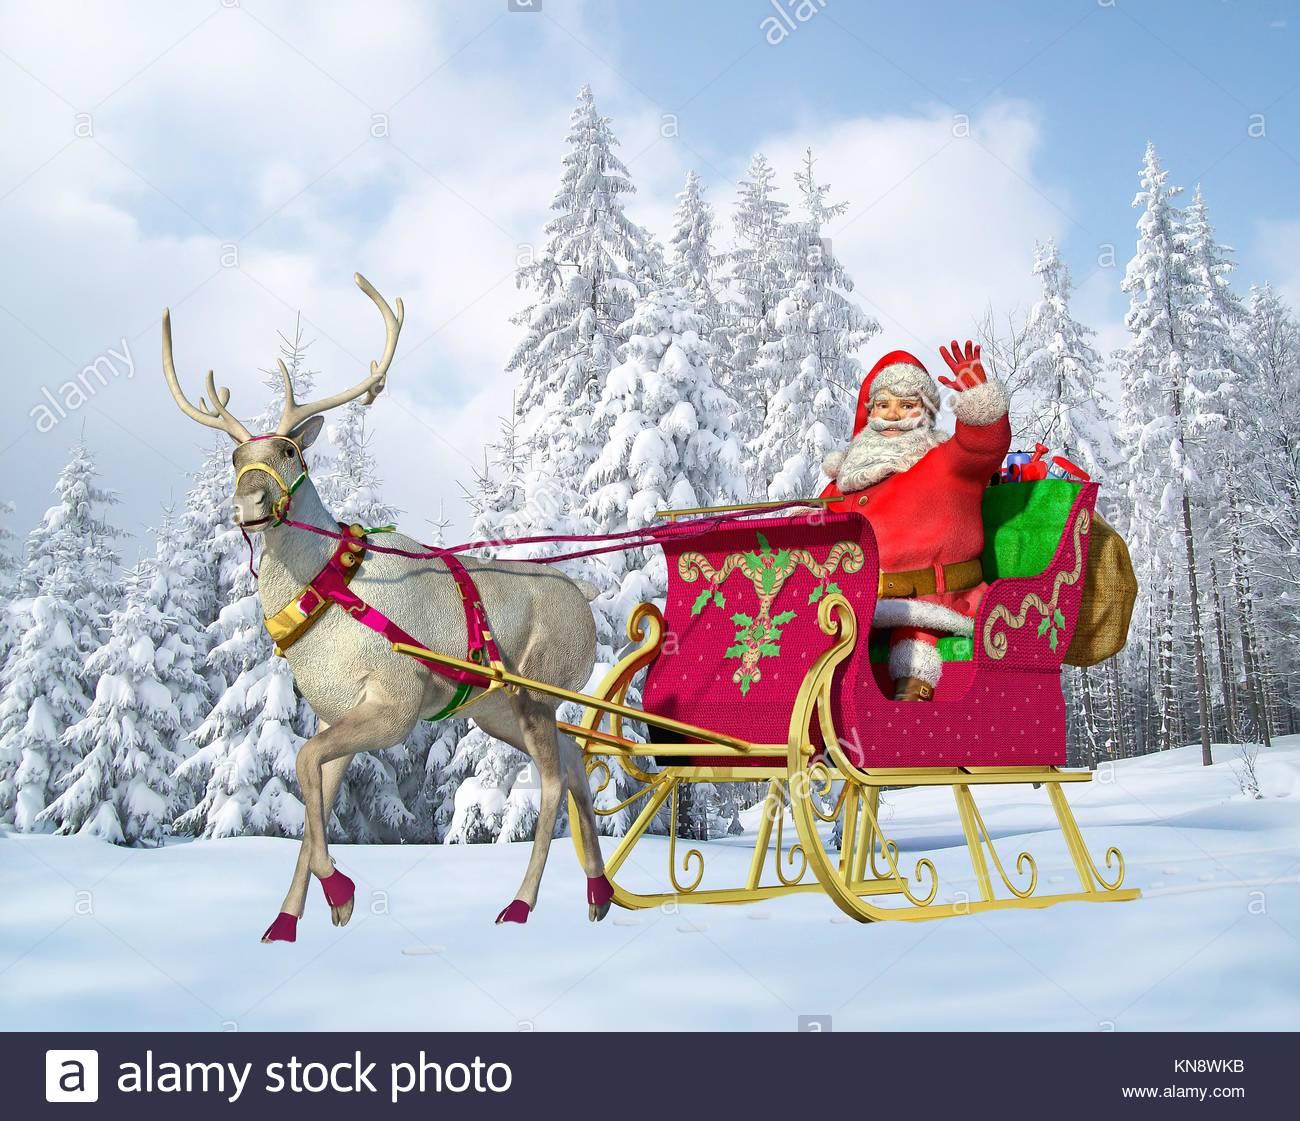 how to build a santa claus sleigh